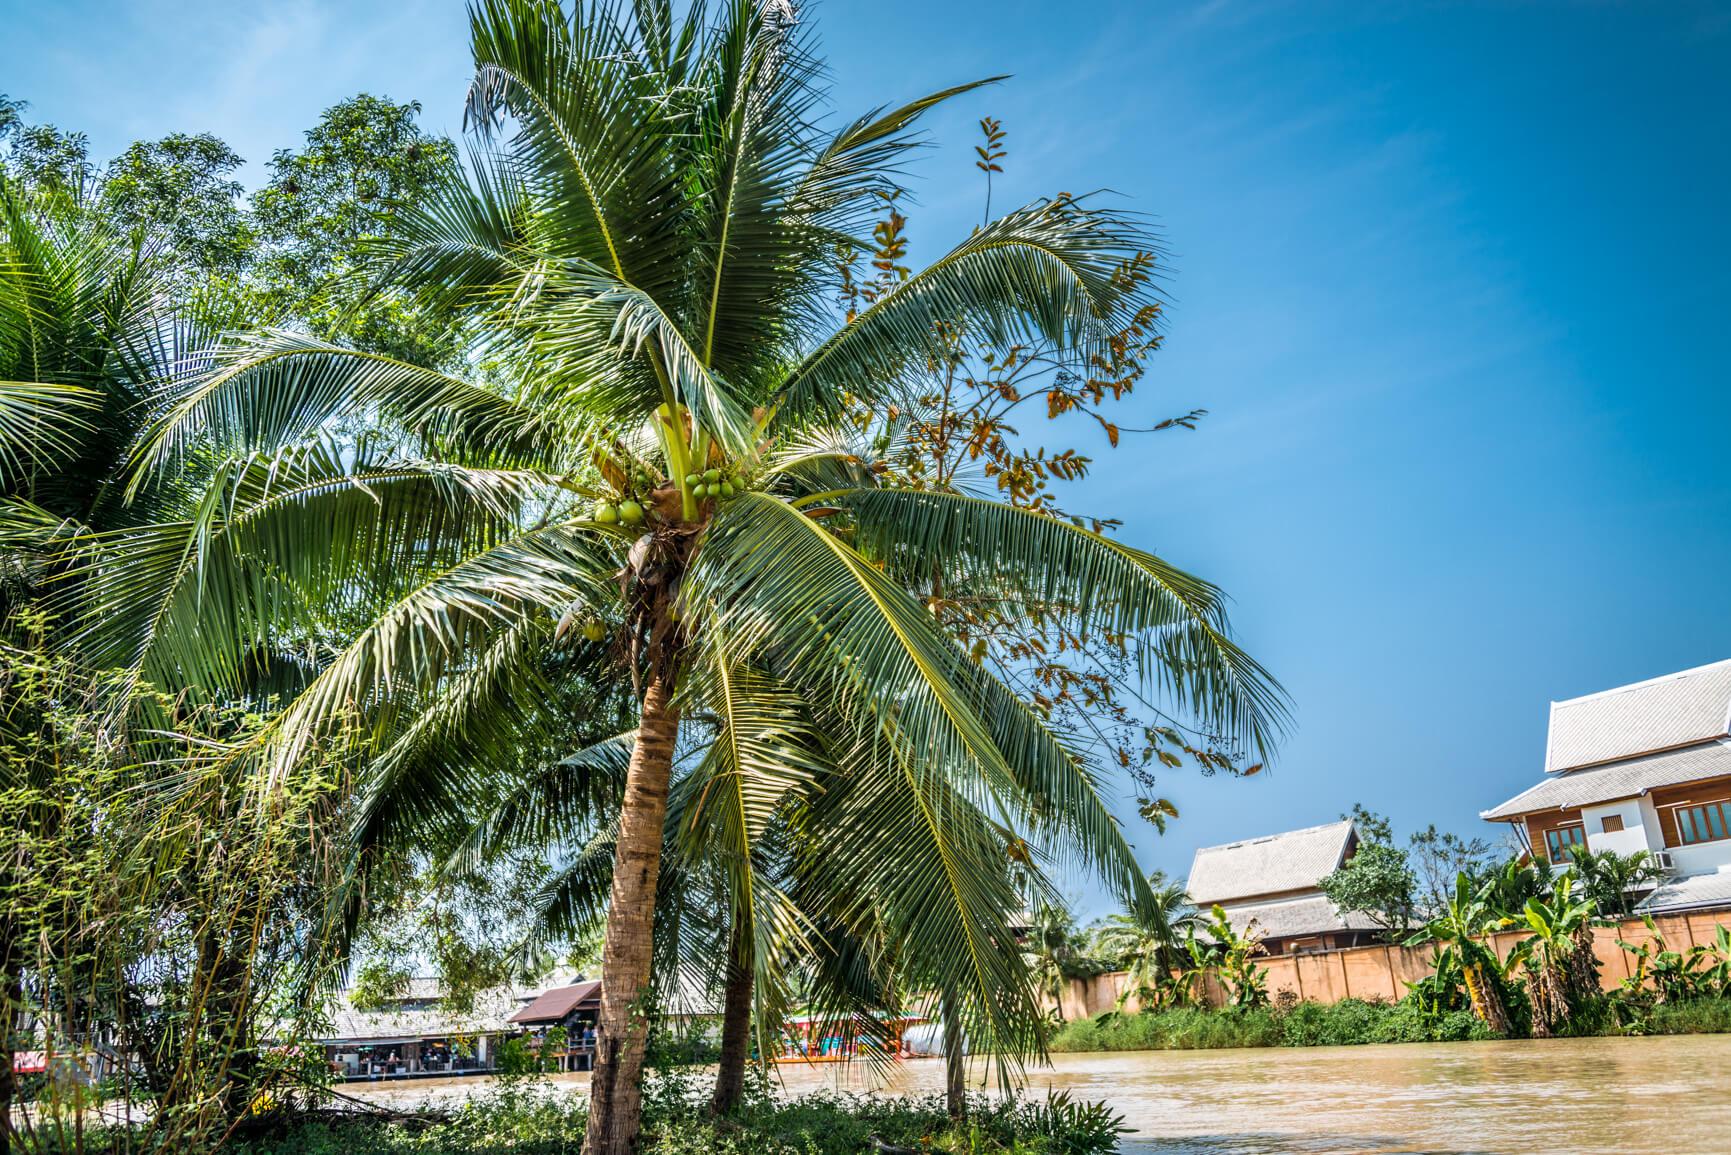 Пальма и остров посреди рынка